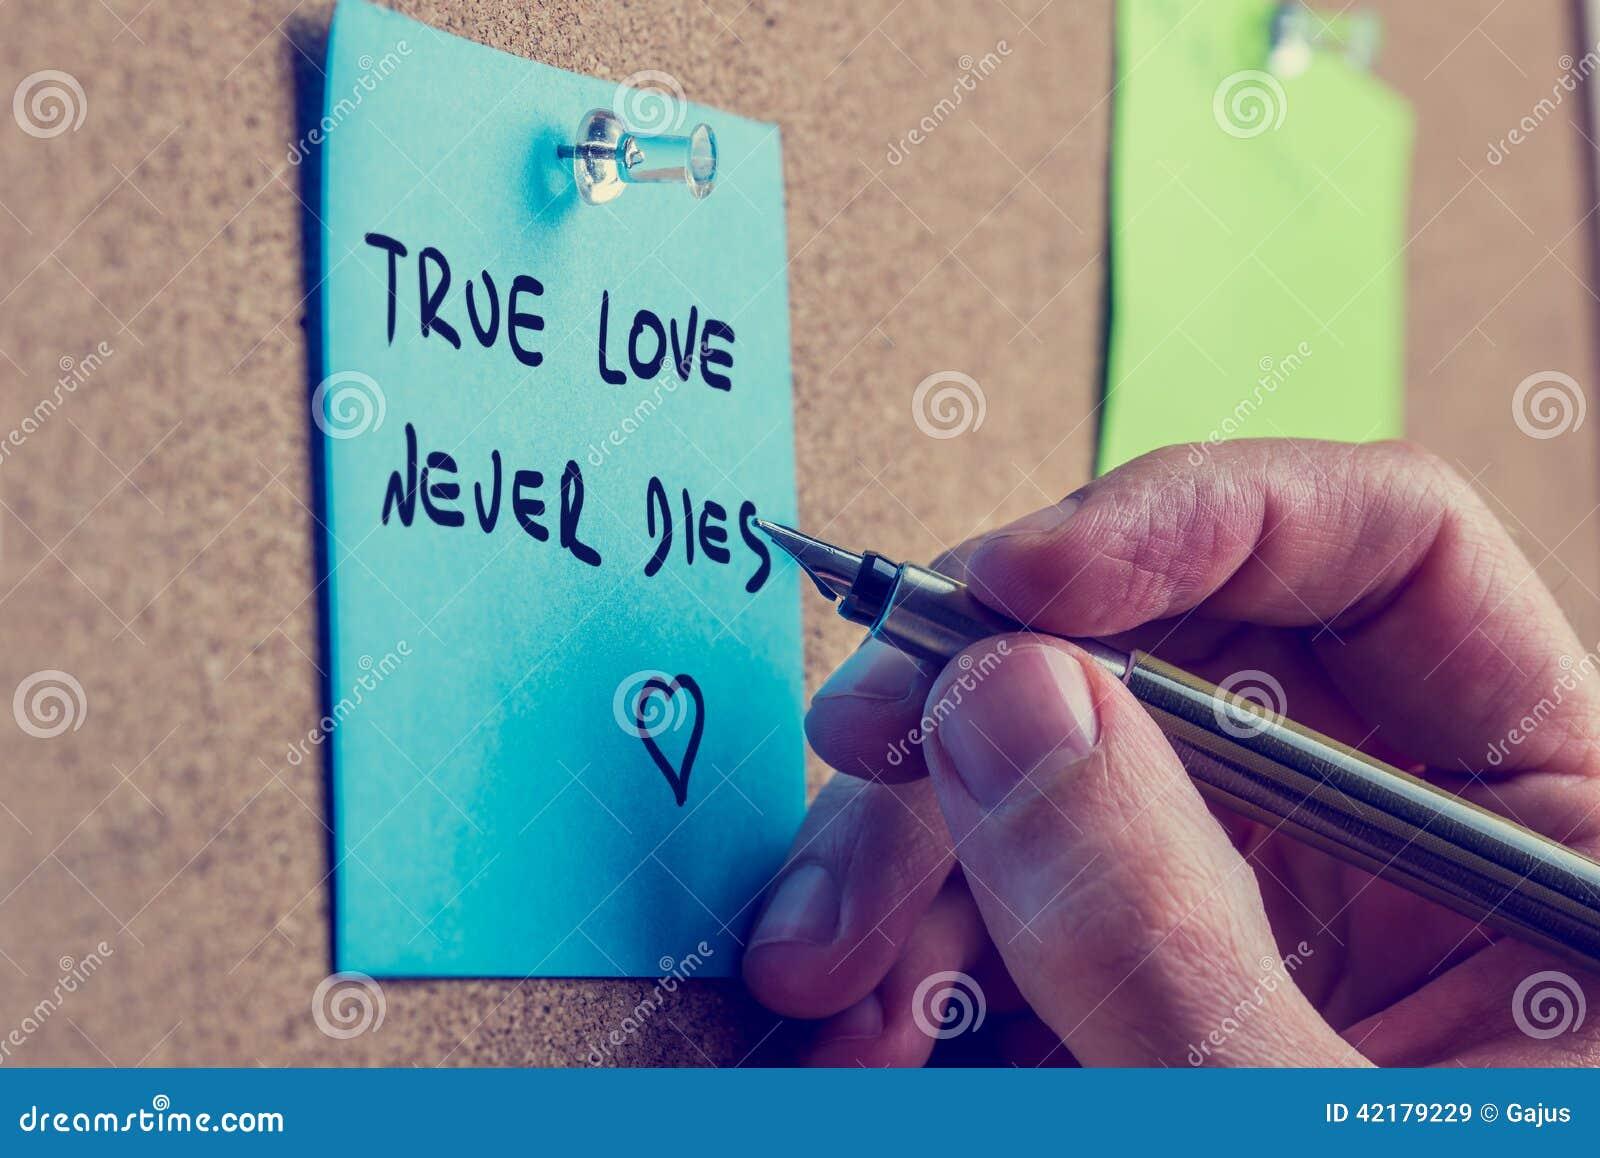 O amor verdadeiro nunca morre